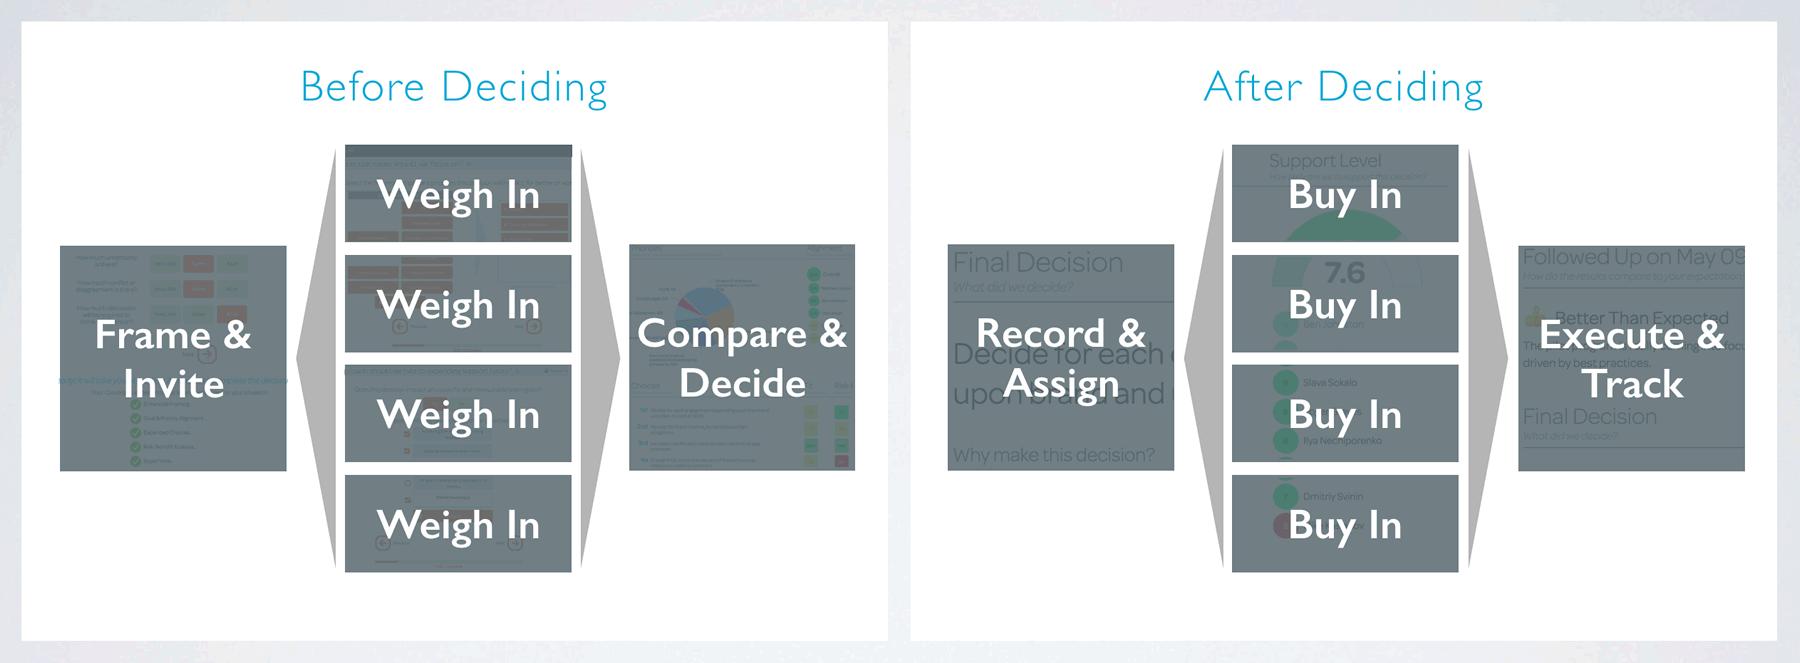 cloverpop_decision_flow_detail.png